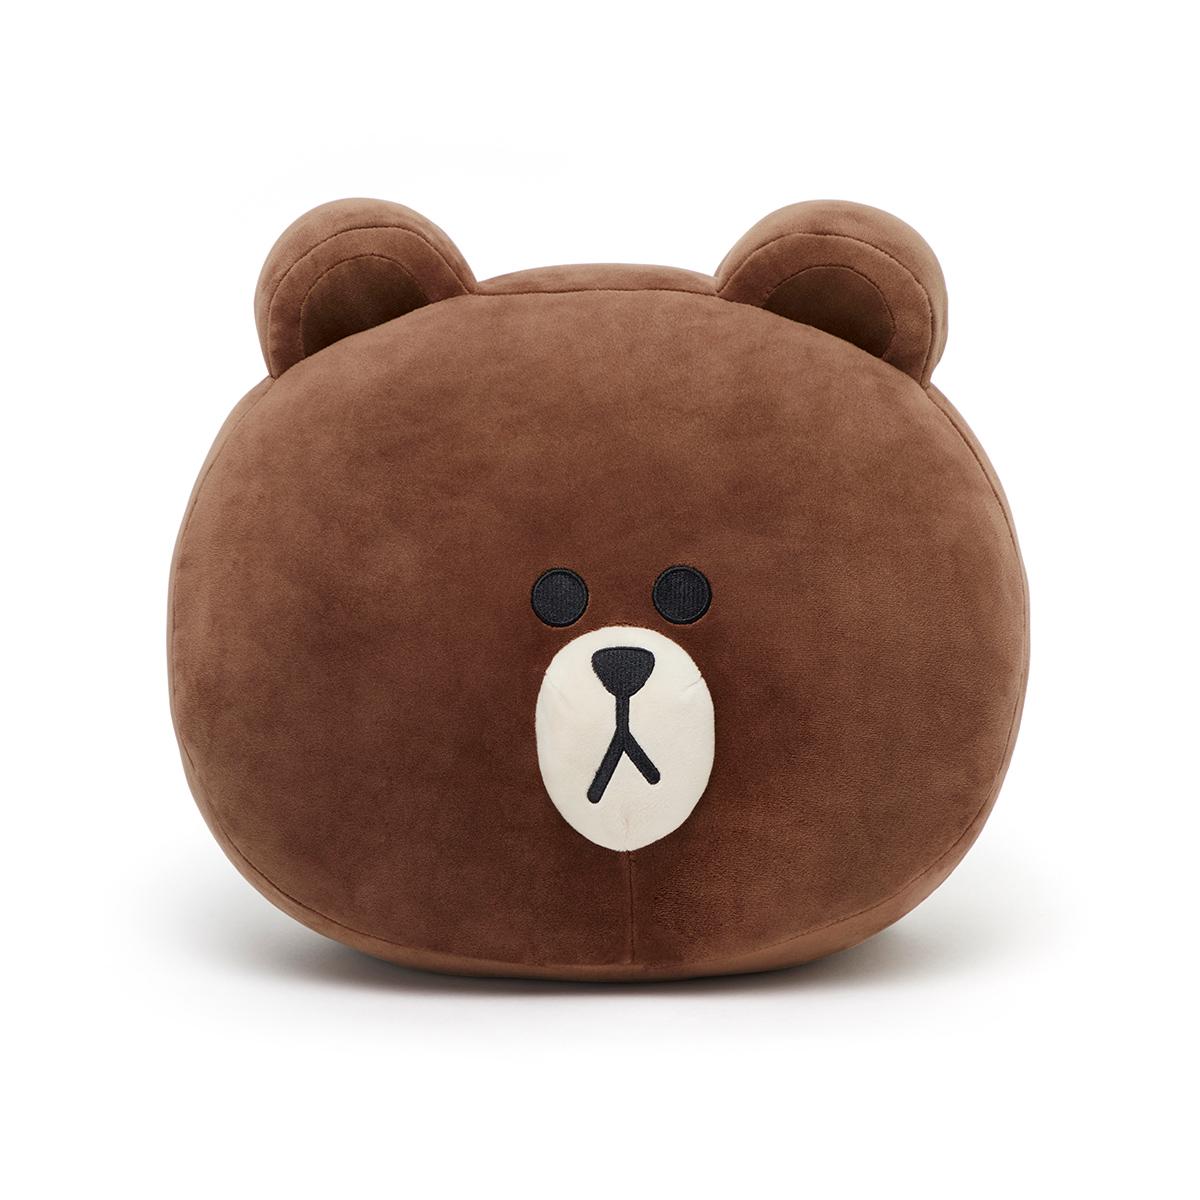 熊大 38CM 軟抱枕 (素顏款)